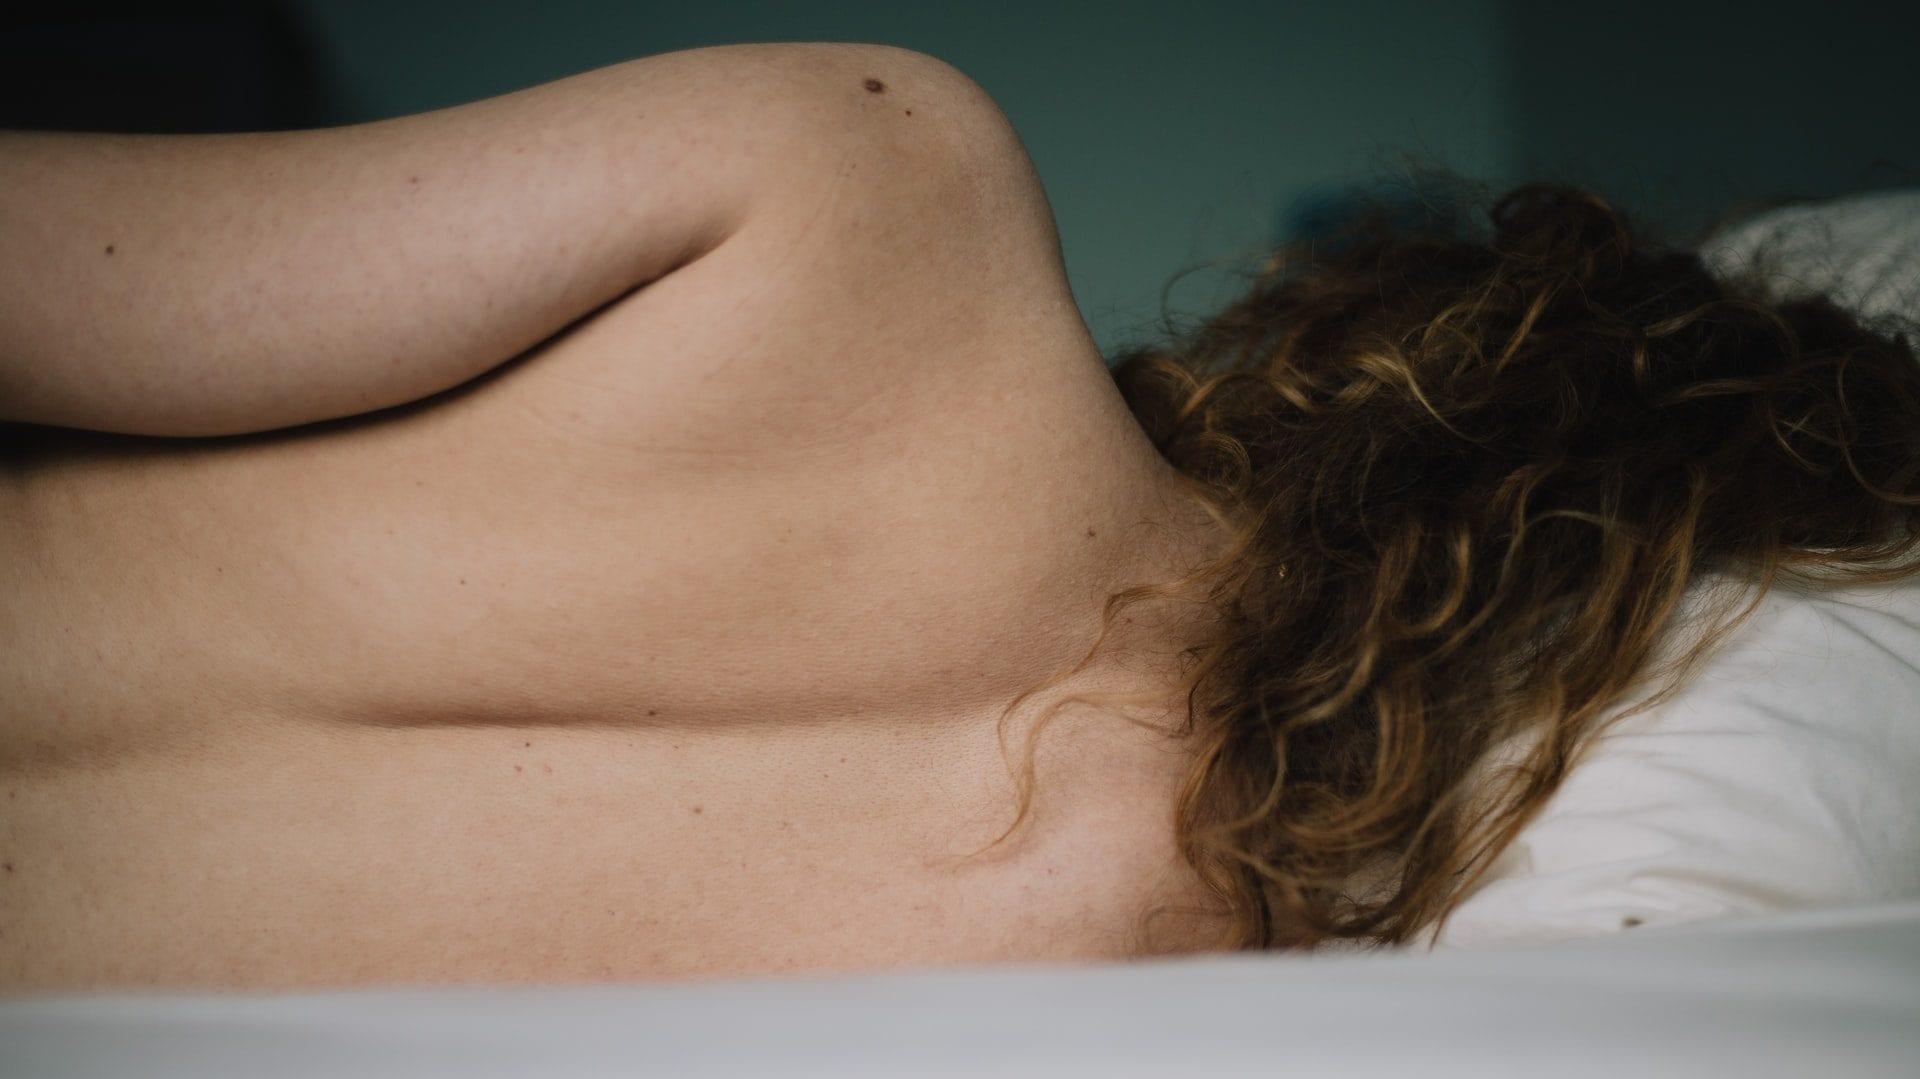 Vooraanzicht van blote rug